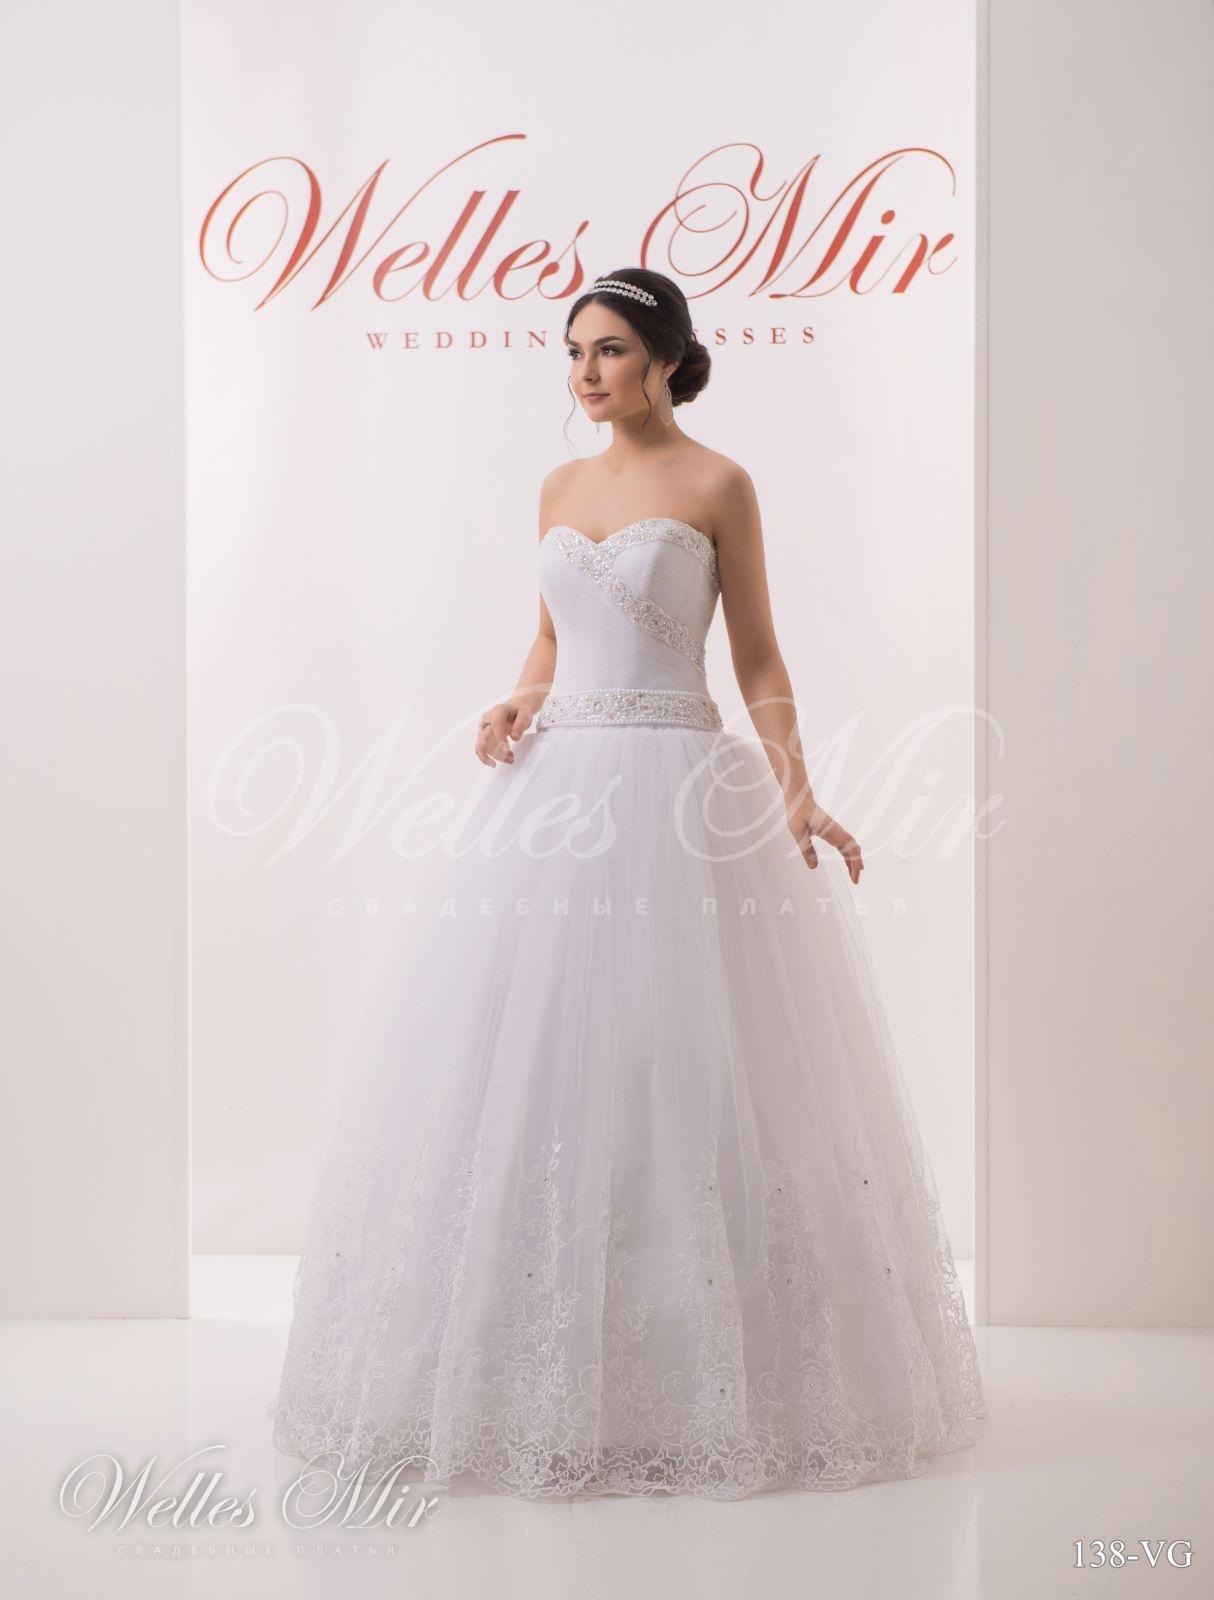 Свадебные платья Soft collection - 138-VG